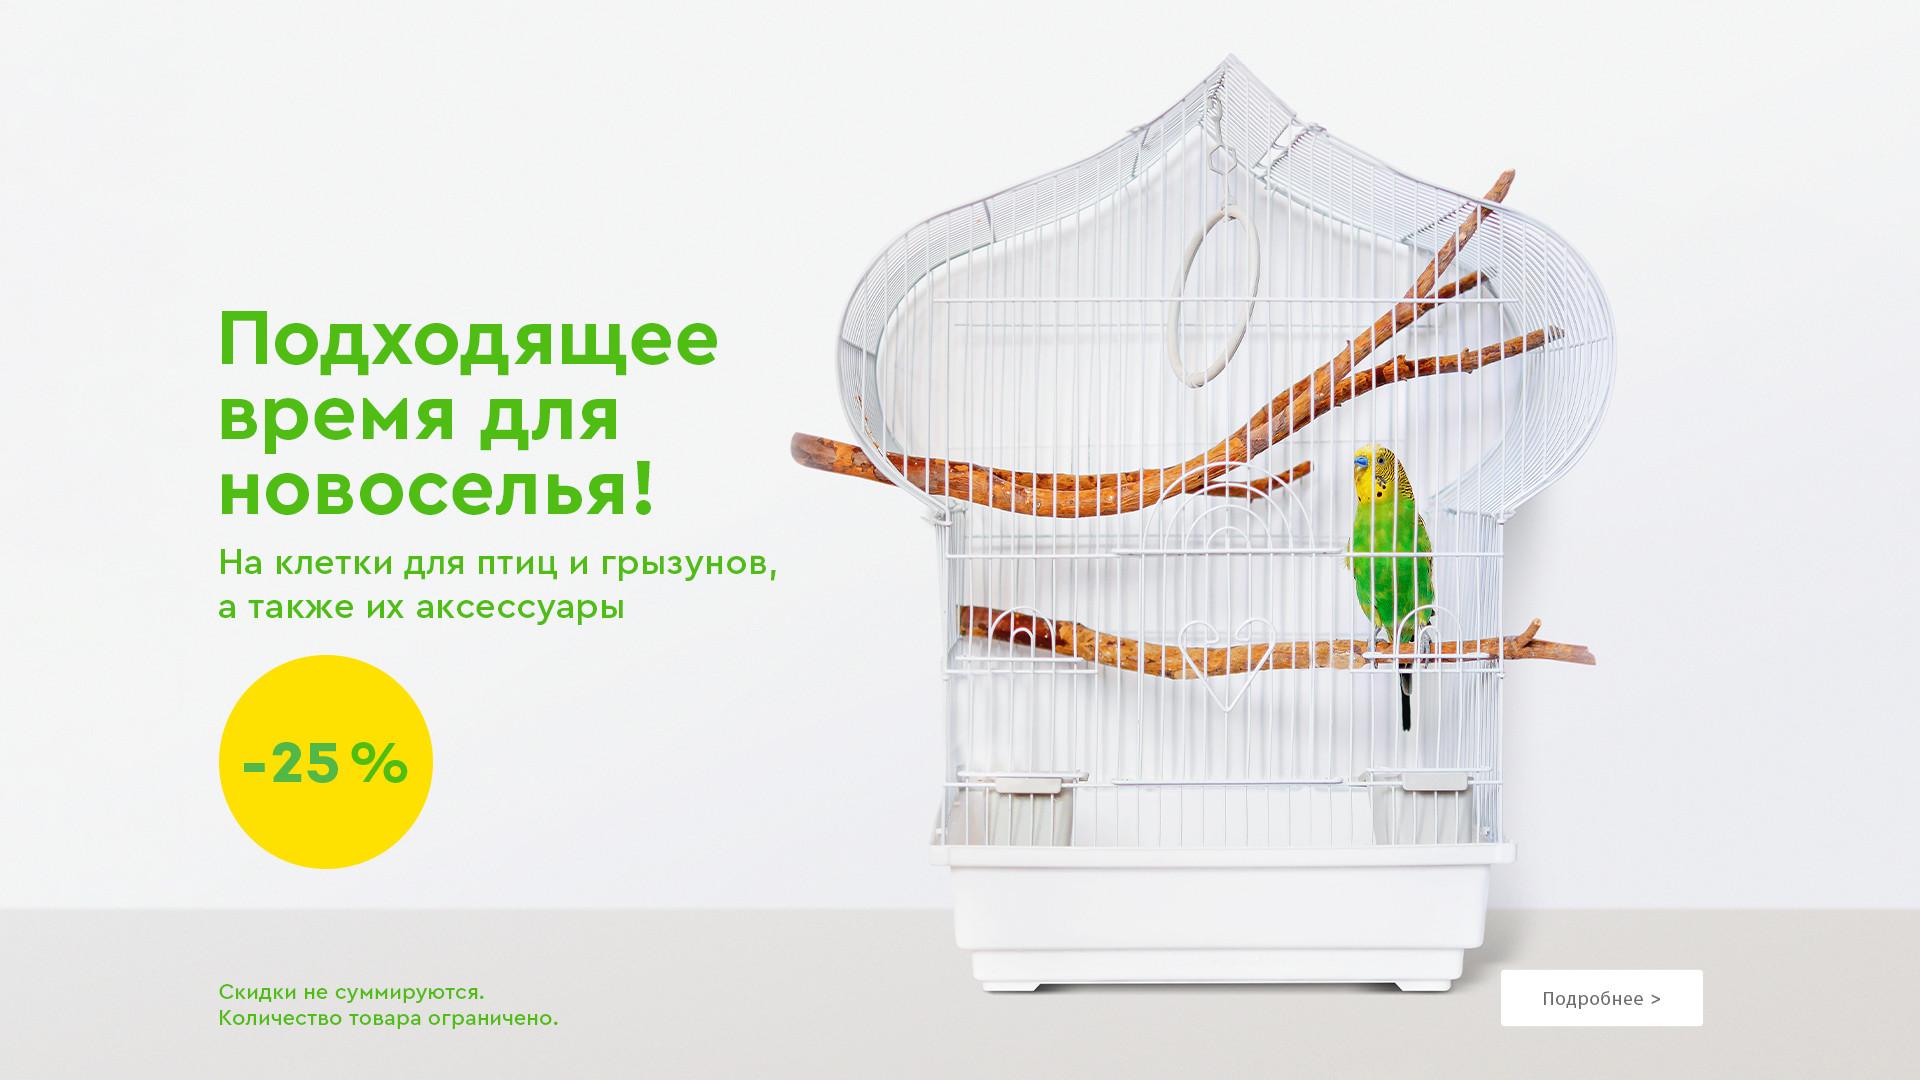 KIKA - Narvai